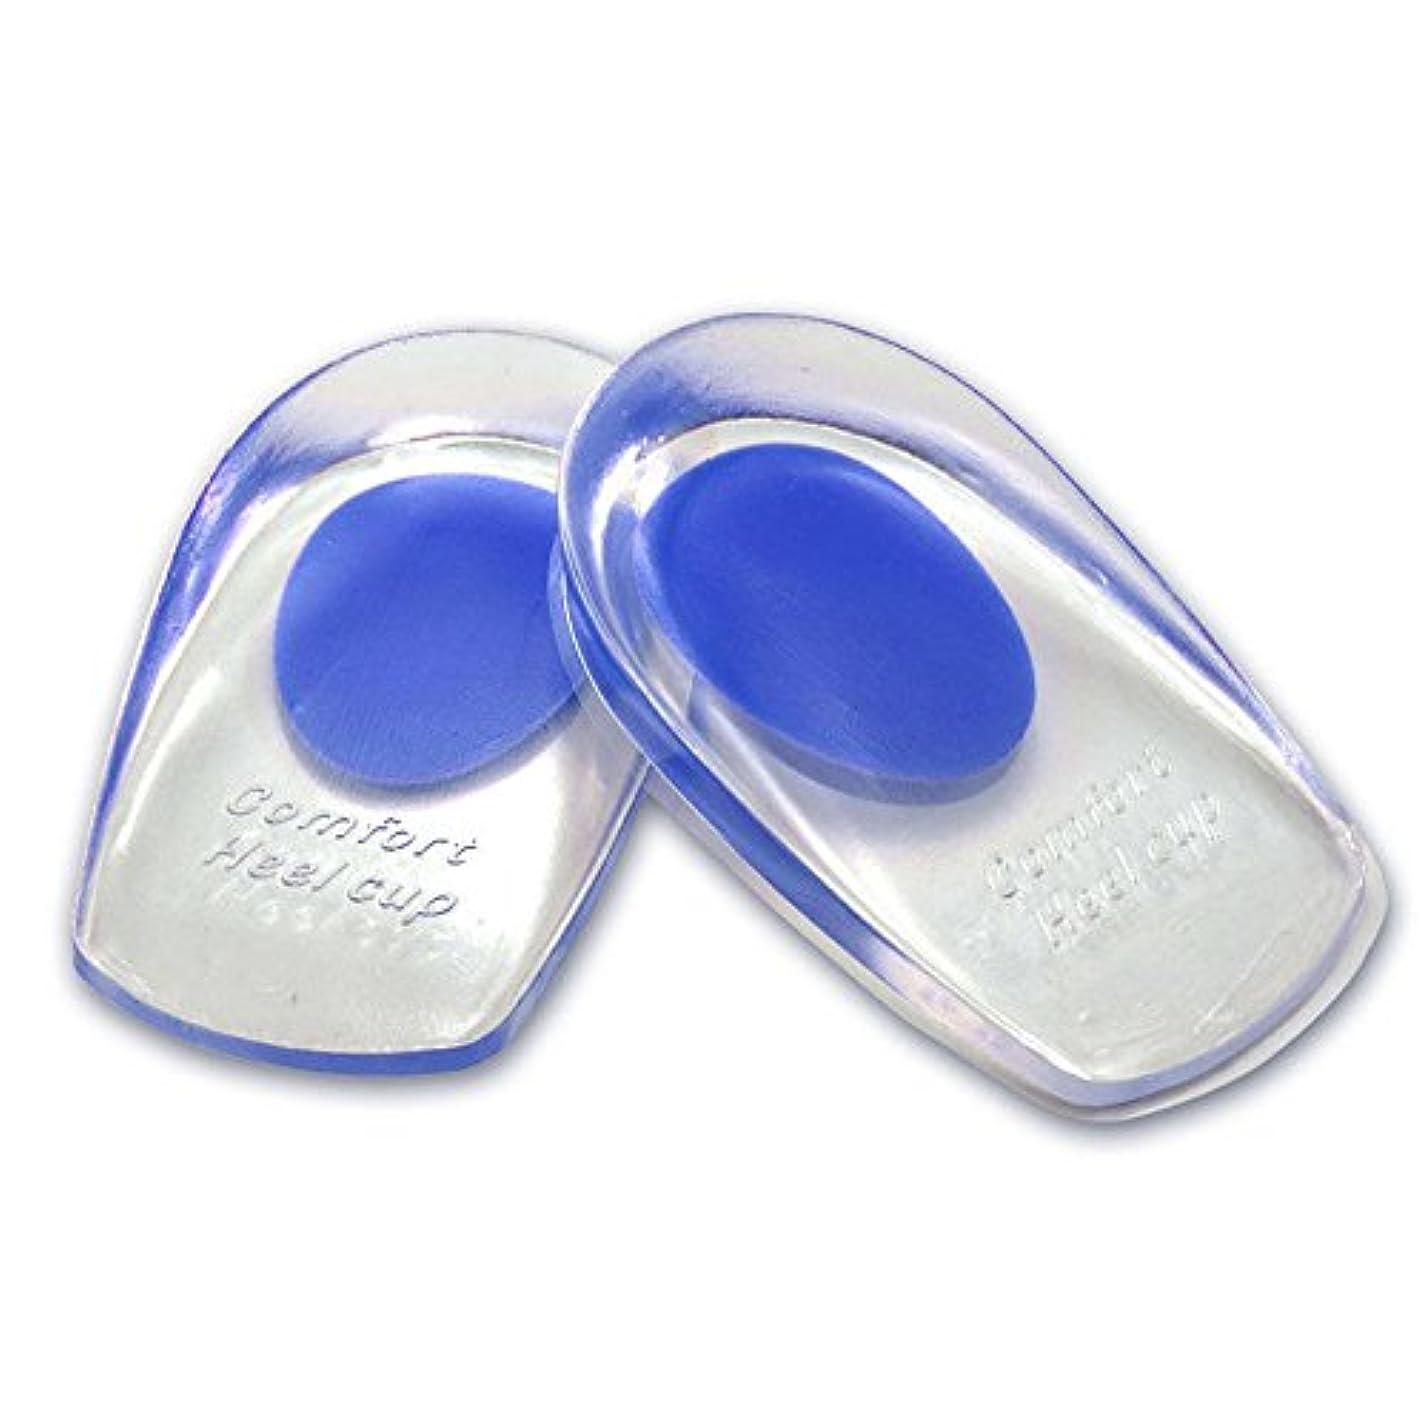 より多いなんでも篭シリコンヒールカップ かかとの痛み防止に ソフトシリコン製 インソールクッション 衝撃緩和 立体形状 フィット感抜群 FMTMXCA2S (ブルー(靴サイズ24.5~27.5cm用))